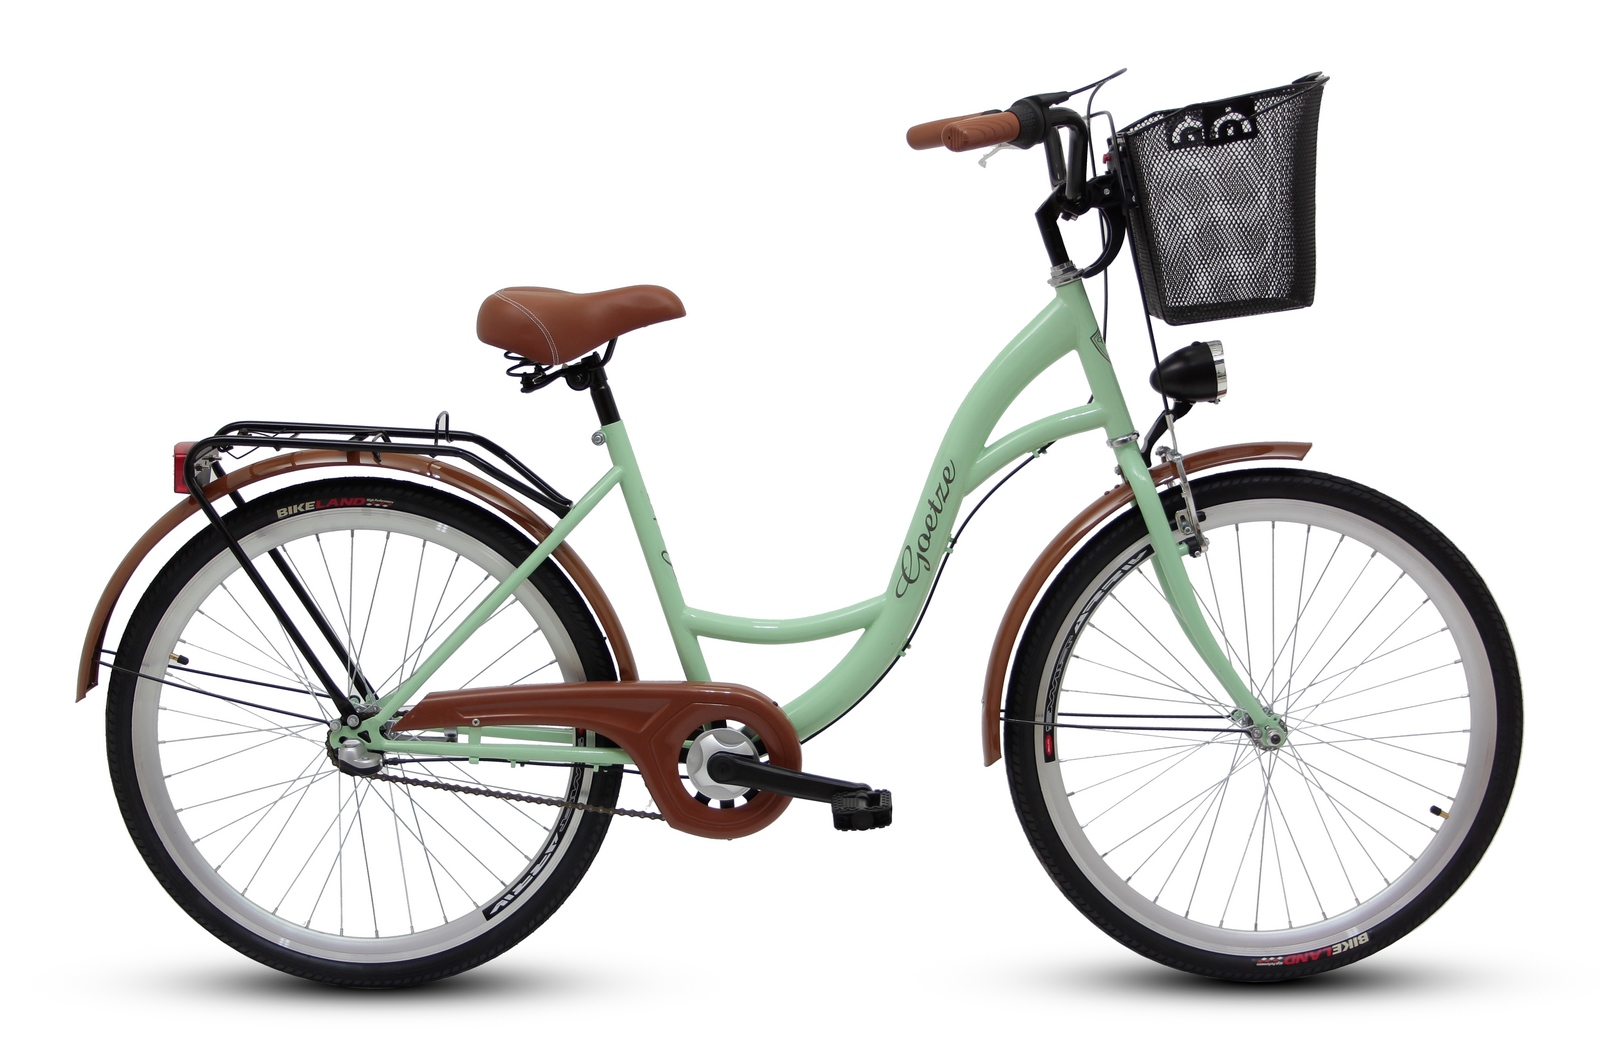 Dámsky mestský bicykel GOETZE 26, 3-rýchlostný kôš zadarmo!  Počet prevodových stupňov 3